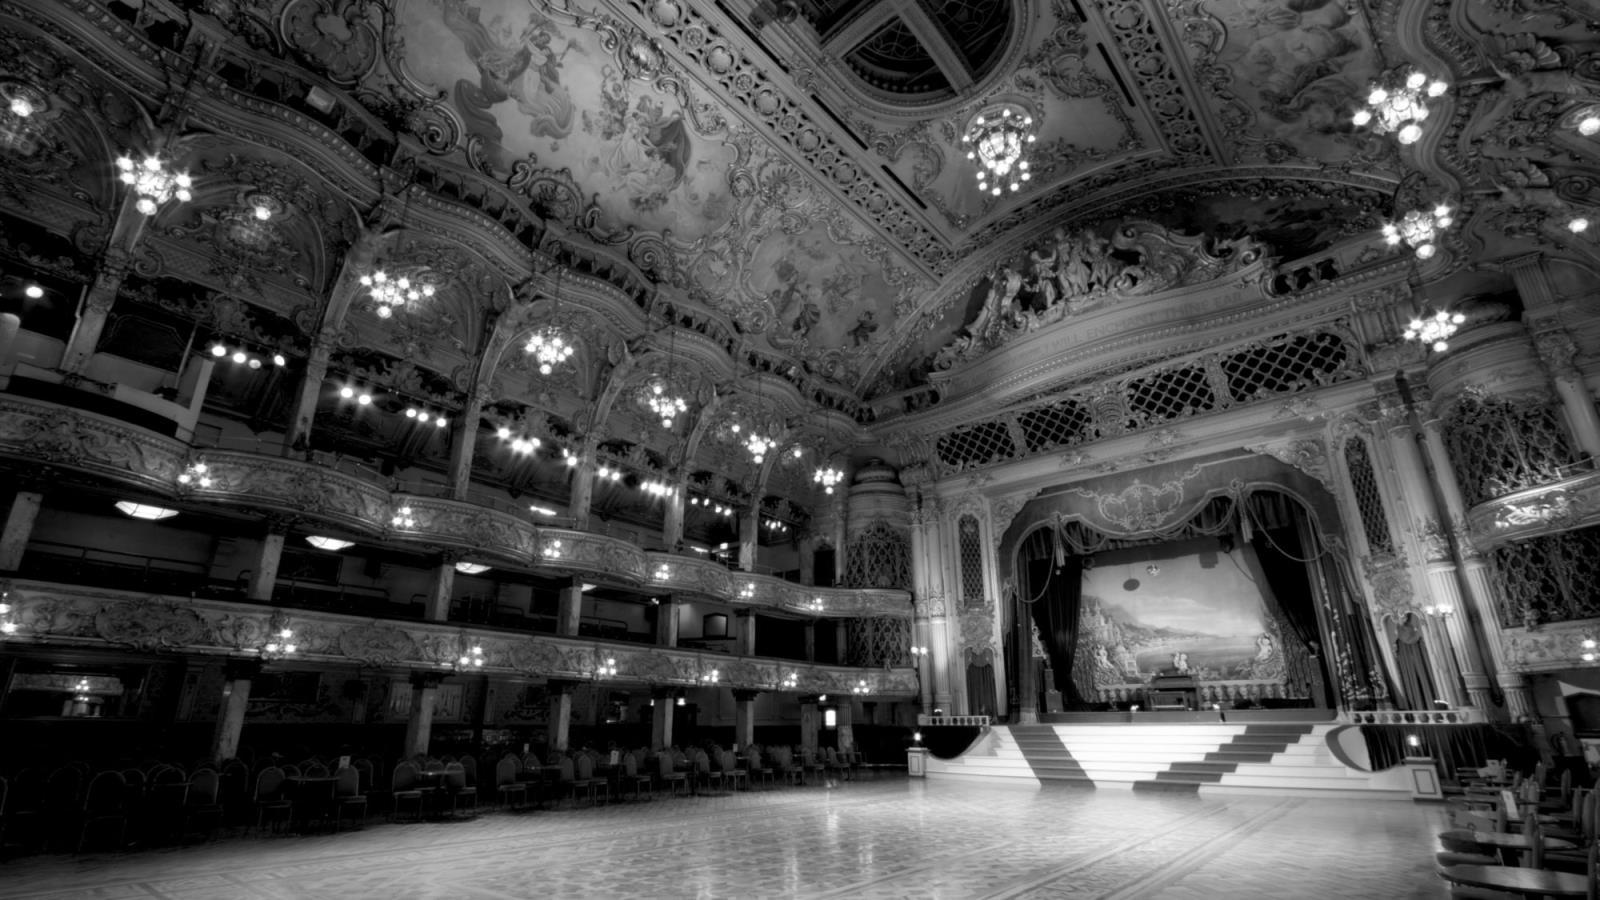 【英国房产新闻】文化复兴基金将使布莱克浦塔舞厅恢复昔日的辉煌